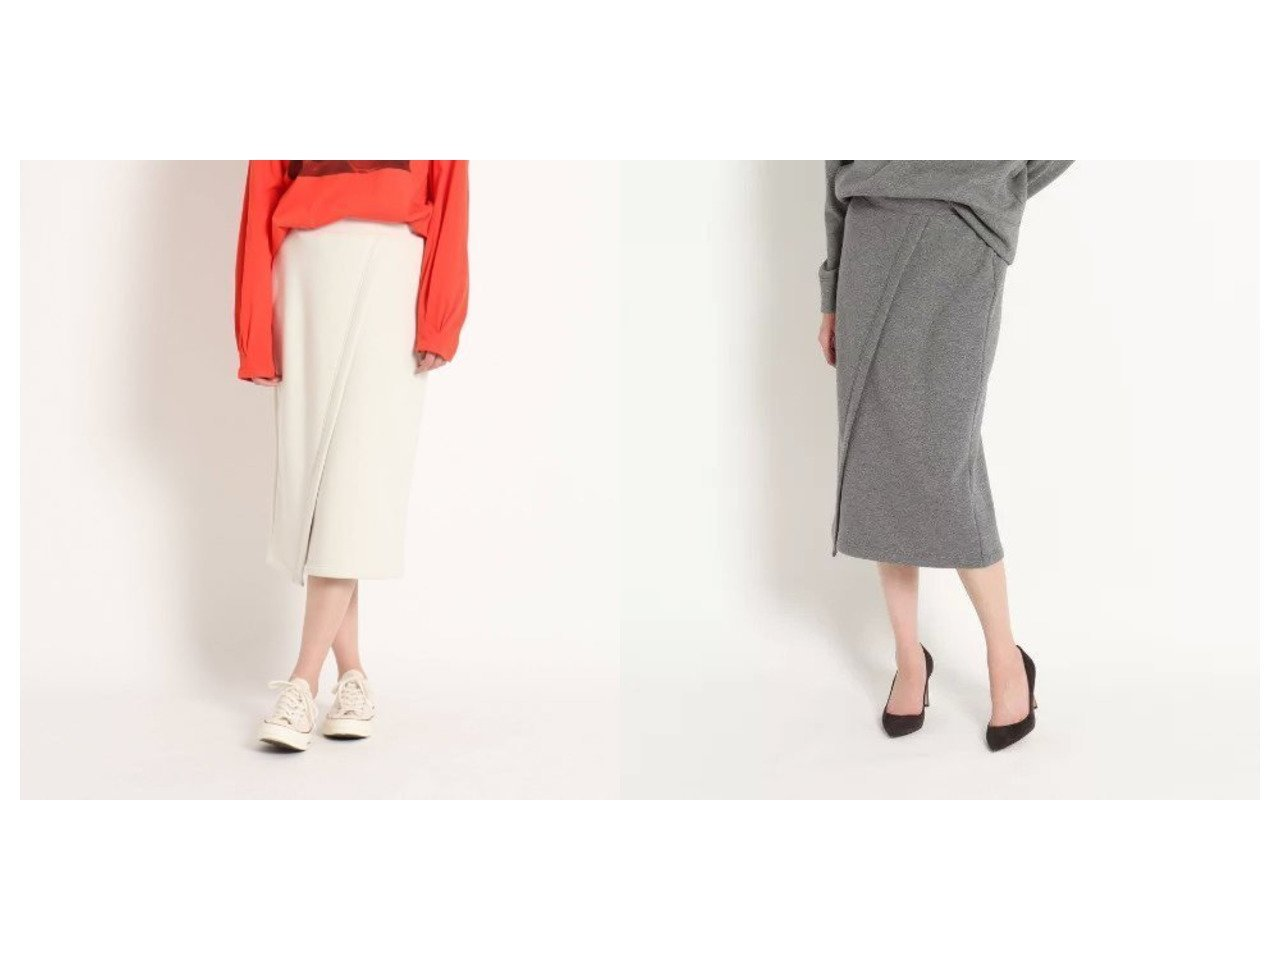 【JET/ジェット】の【ウォッシャブル】フロントデザインスウェットスカート スカートのおすすめ!人気、レディースファッションの通販 おすすめで人気のファッション通販商品 インテリア・家具・キッズファッション・メンズファッション・レディースファッション・服の通販 founy(ファニー) https://founy.com/ ファッション Fashion レディース WOMEN スカート Skirt ウォッシャブル ギャザー シンプル ストレッチ スリット セットアップ トレンド 定番 フロント マキシ 無地 レオパード ロング 冬 Winter 秋冬 A/W Autumn/ Winter  ID:crp329100000001538